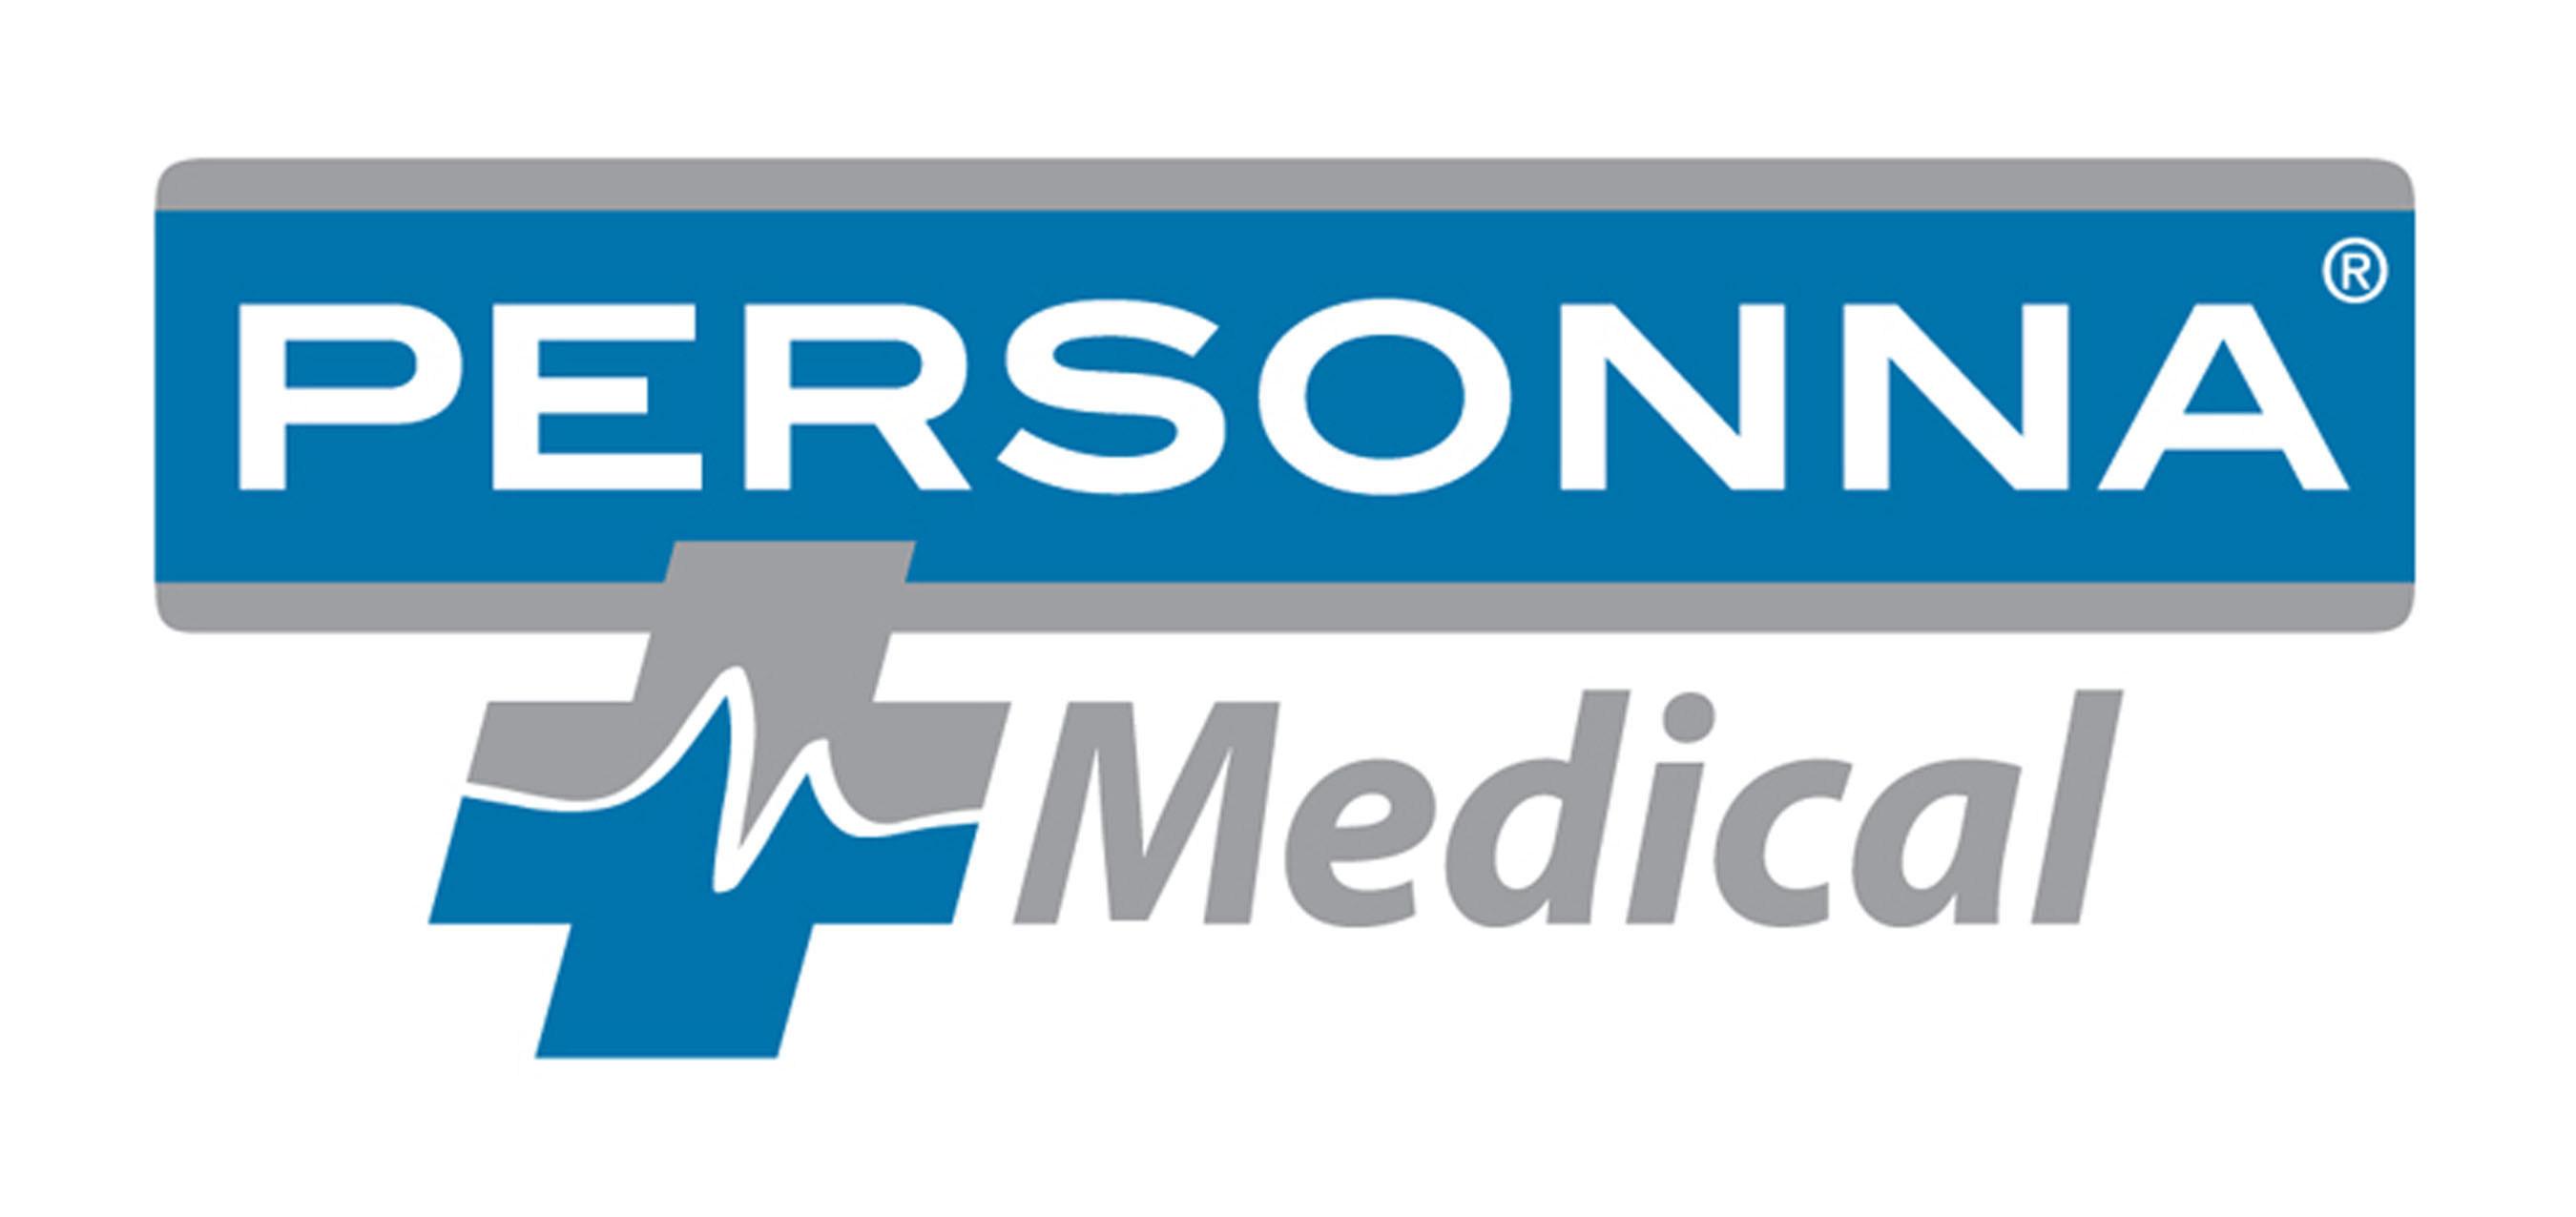 Personna Medical präsentiert DermaBlade und andere Produkte beim 73. Jahrestreffen der American